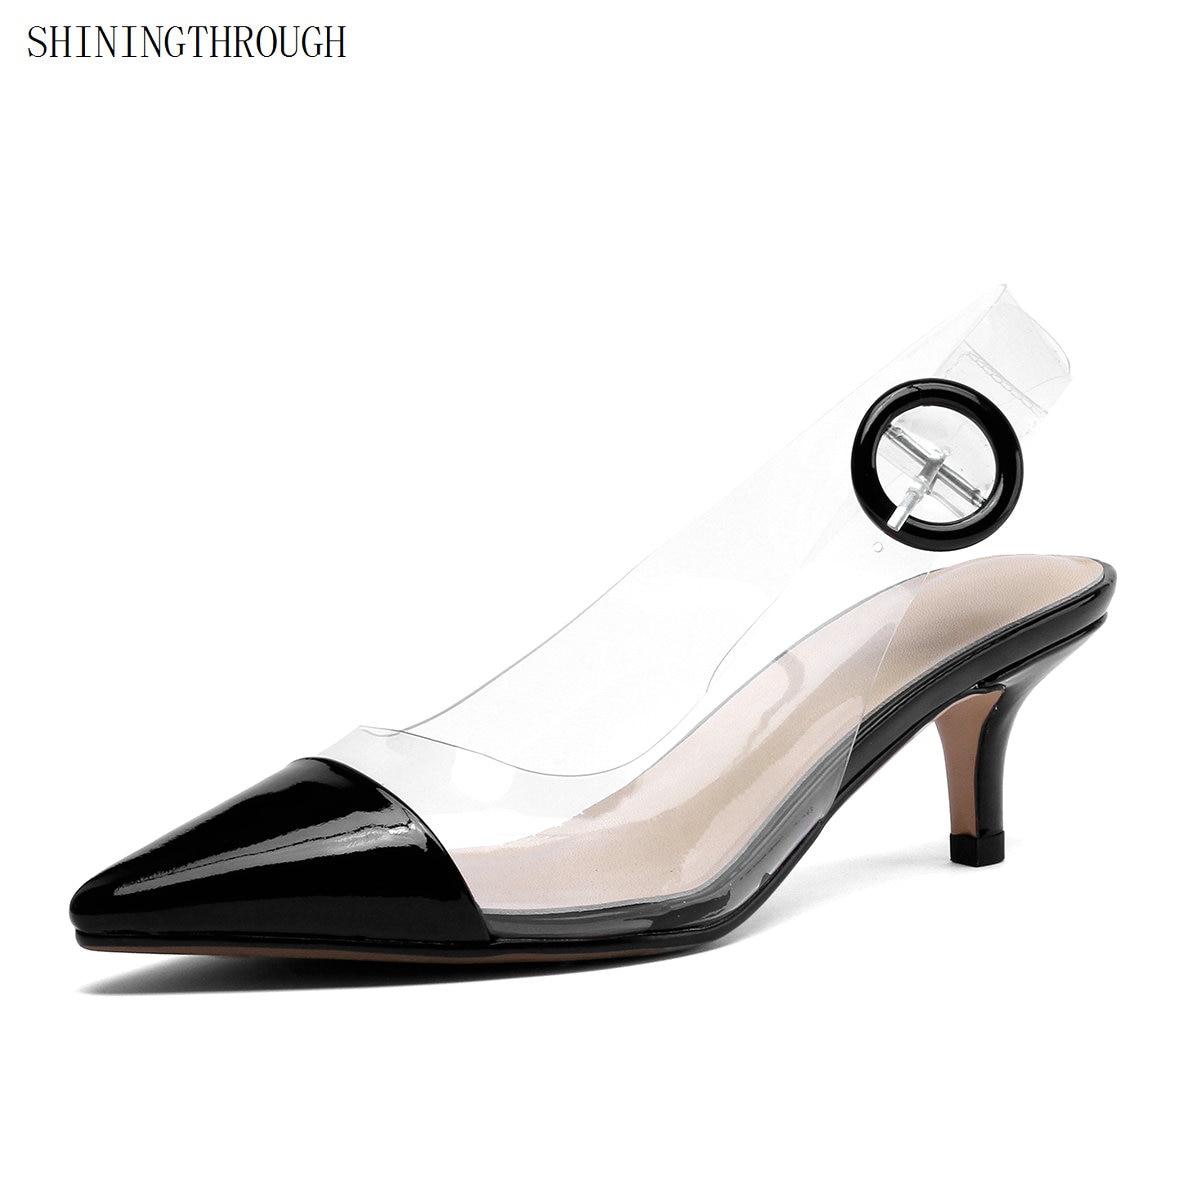 Parti Discothèque Véritable Haute Noir Cm En Transparent Talons De 5 Cuir Chaussures Point Pvc Pompes Femmes blanc Orteils Pompe 8fZqIf7